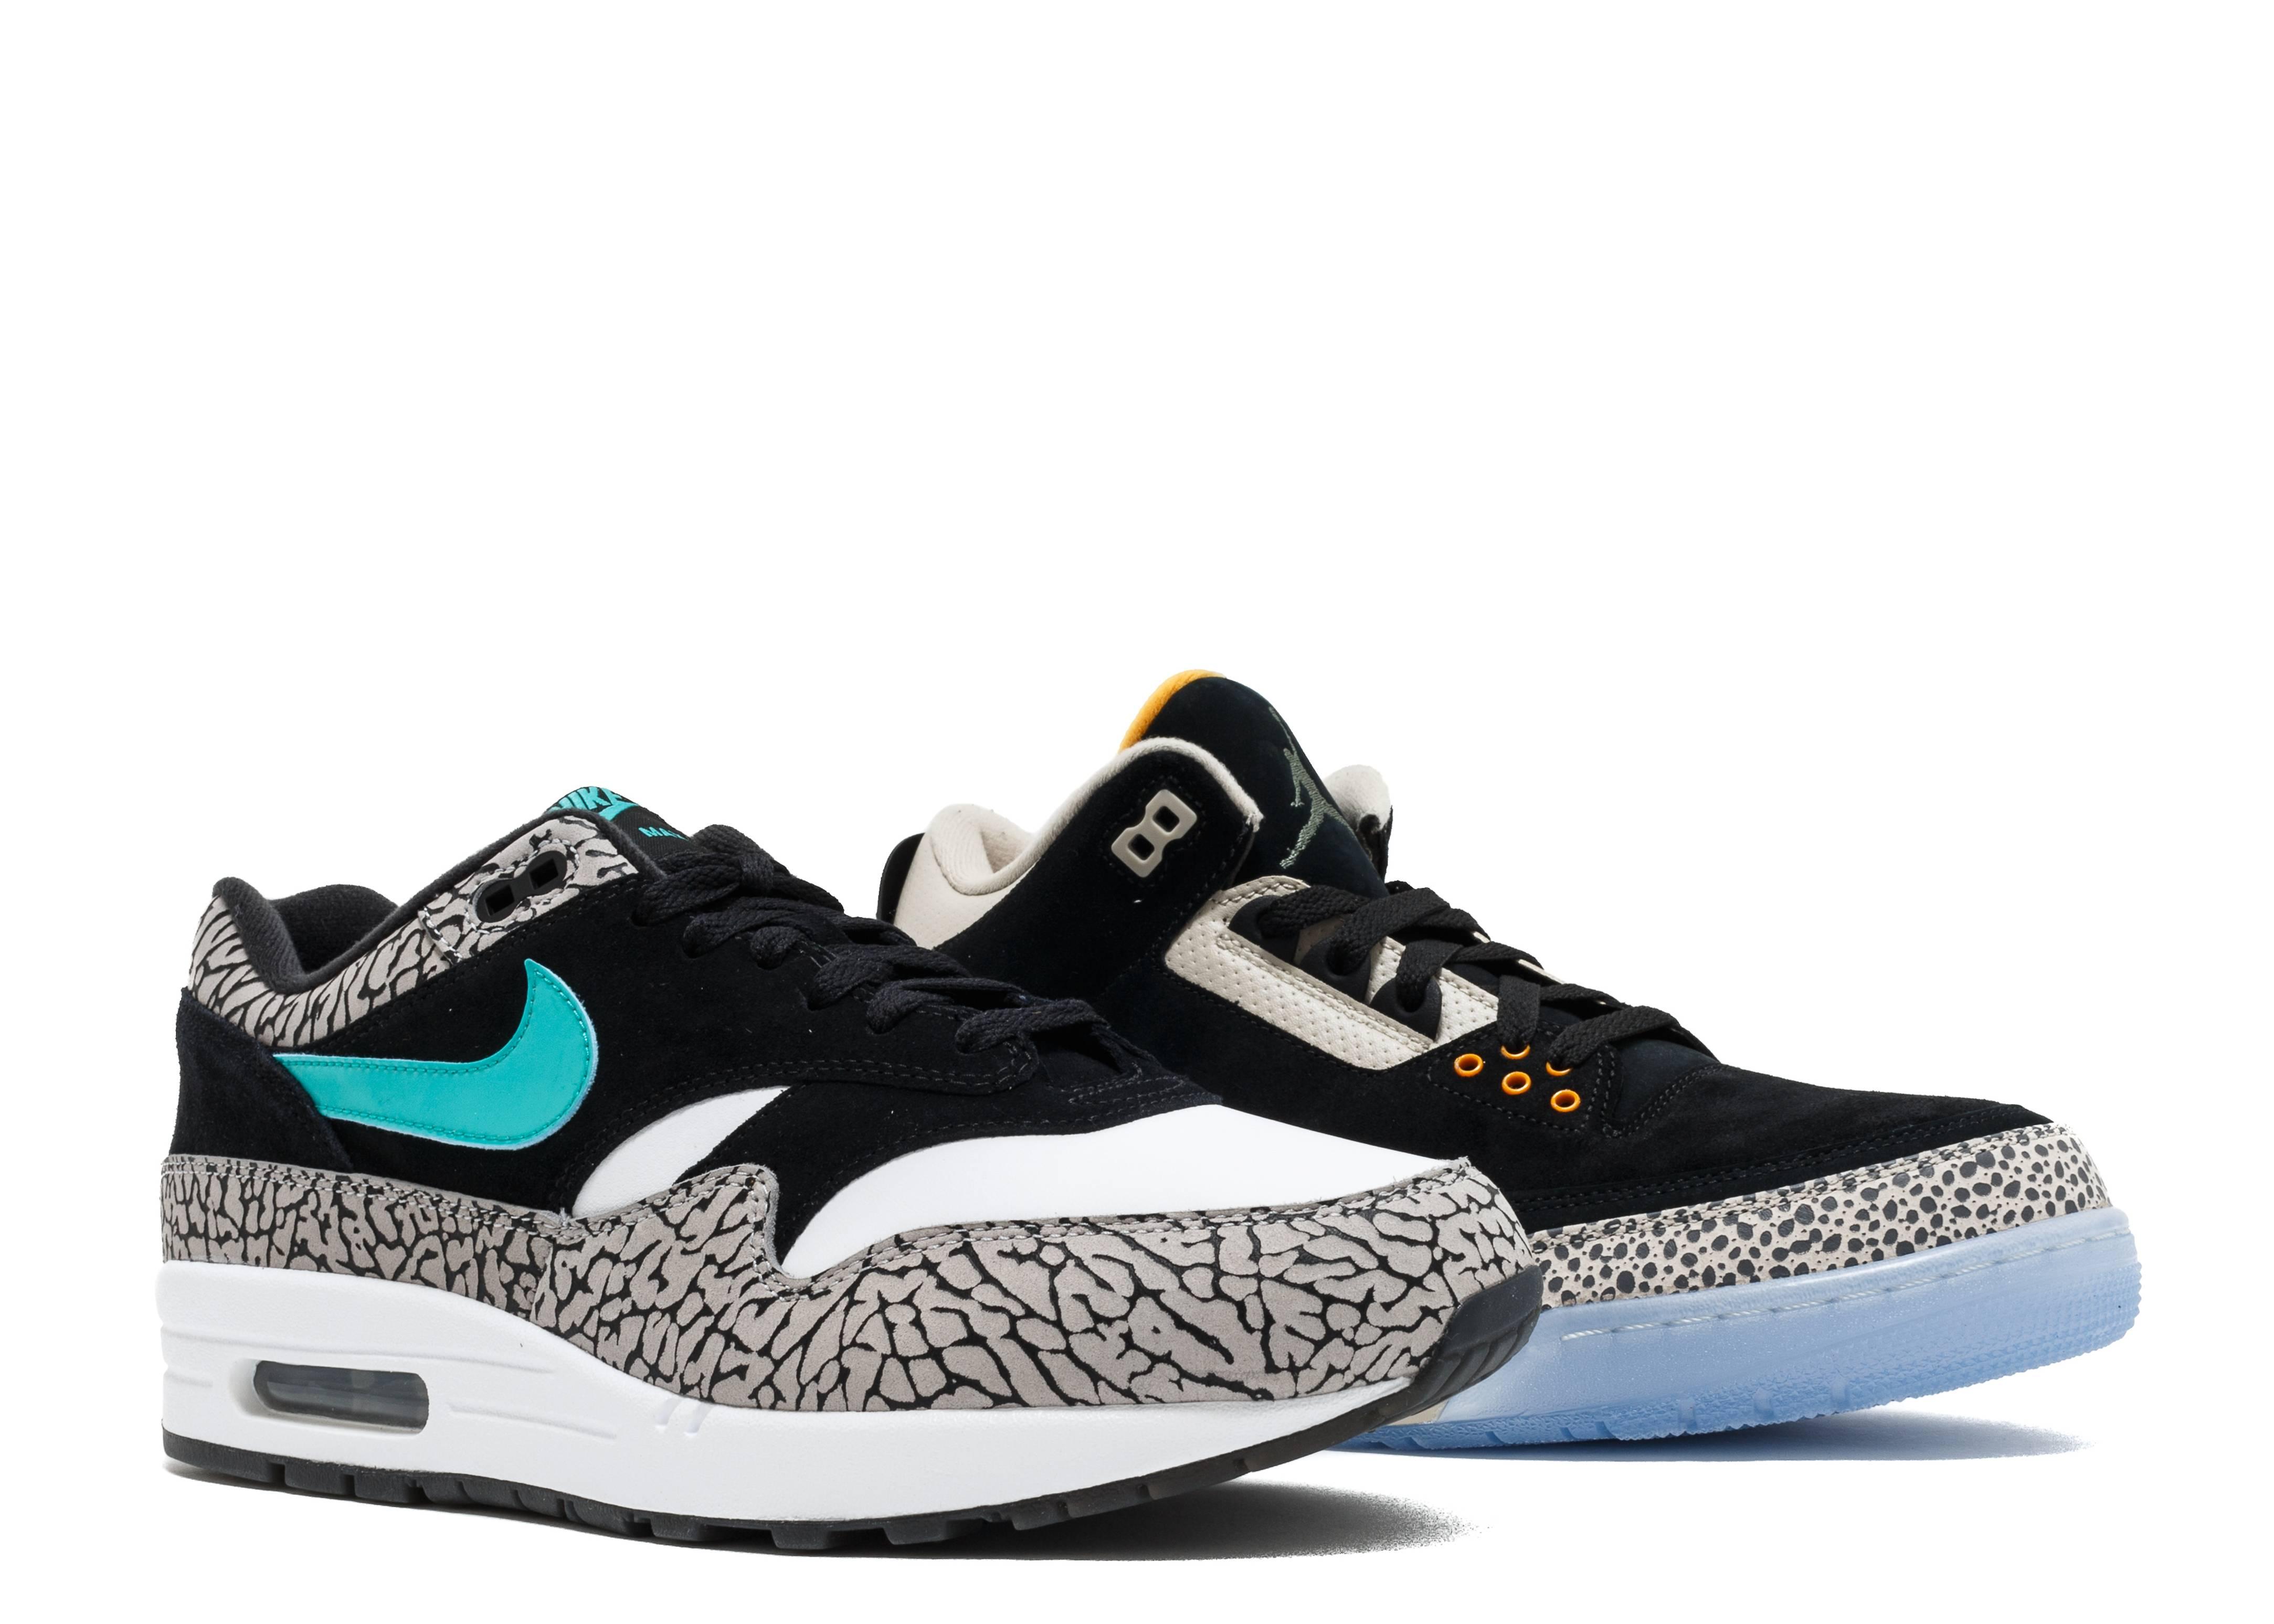 Air Jordan x Max Pack